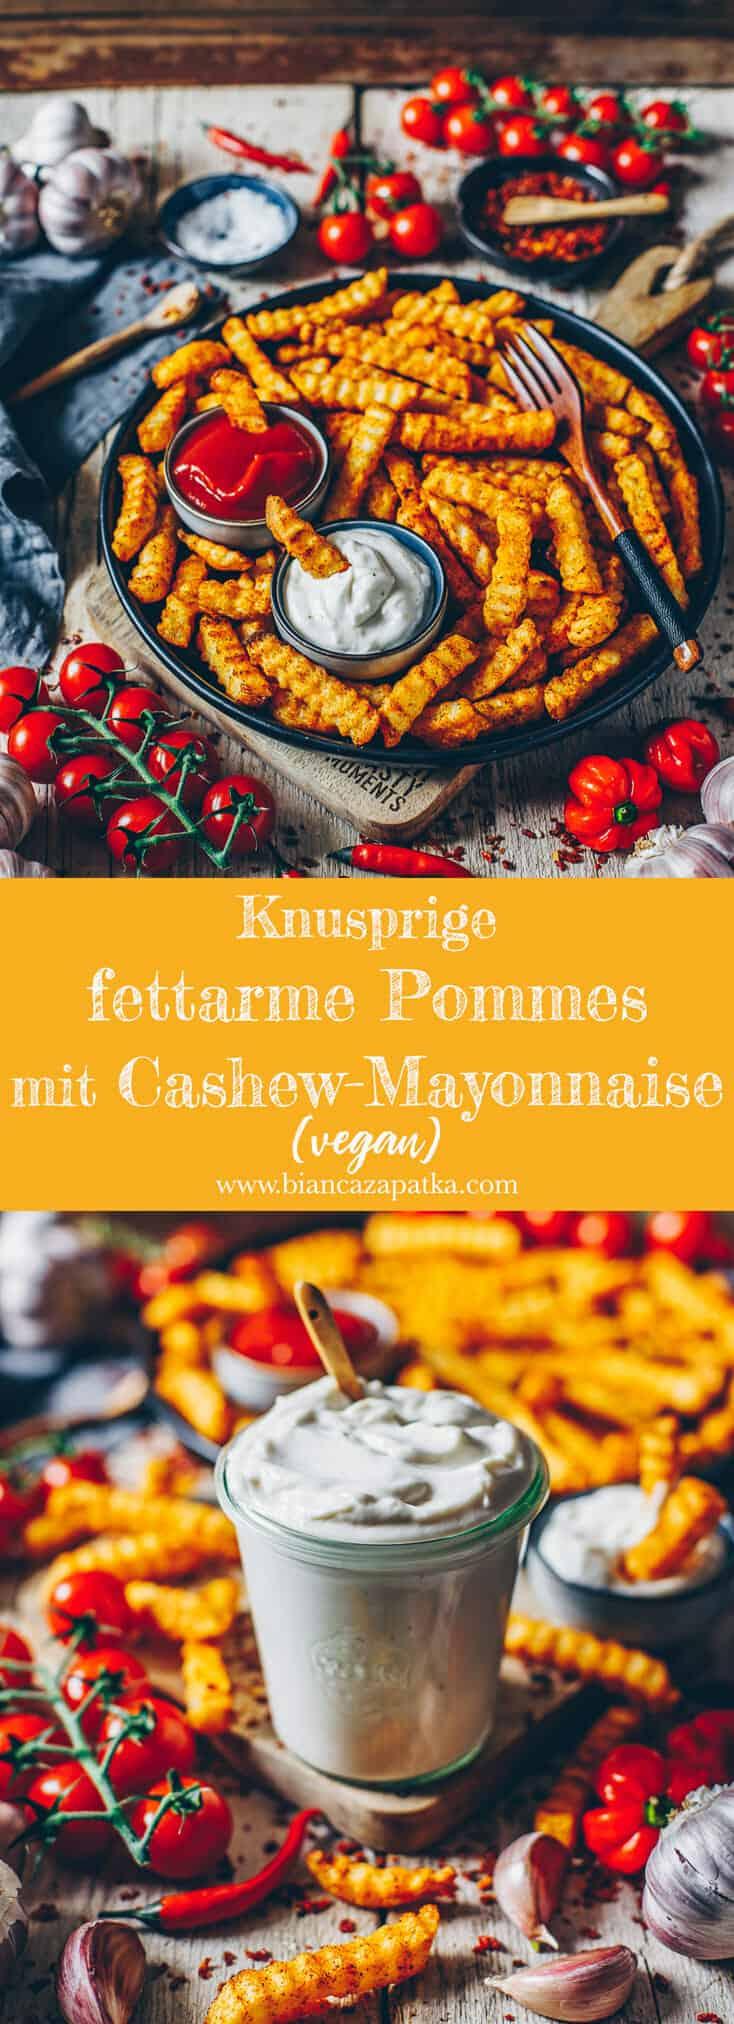 Mit diesem Rezept werden fettarme Pommes Frites garantiert super knusprig. Und mit einer selbstgemachten veganen Mayonnaise aus Cashewnüssen zum dippen, ist es doch ein perfekter gesunder Snack für den gemütlichen Fernsehabend oder auch als Beilage zu einer Hauptmahlzeit.